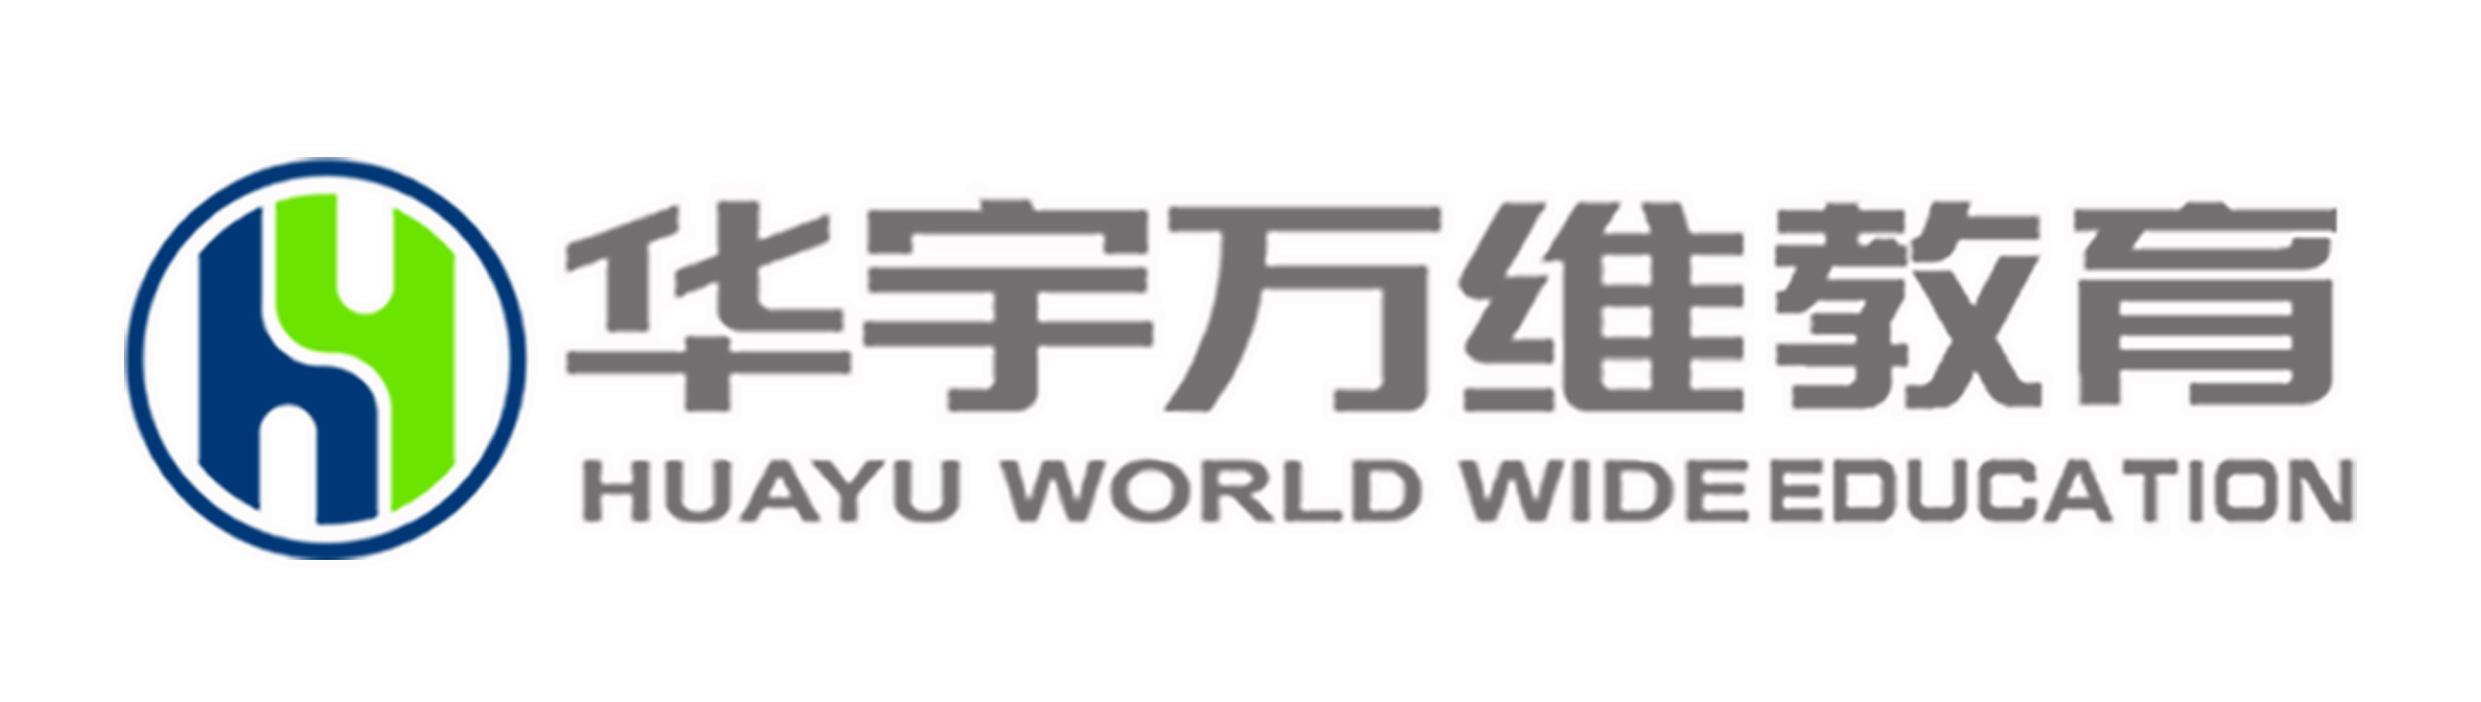 北京华宇万维科技发展有限公司